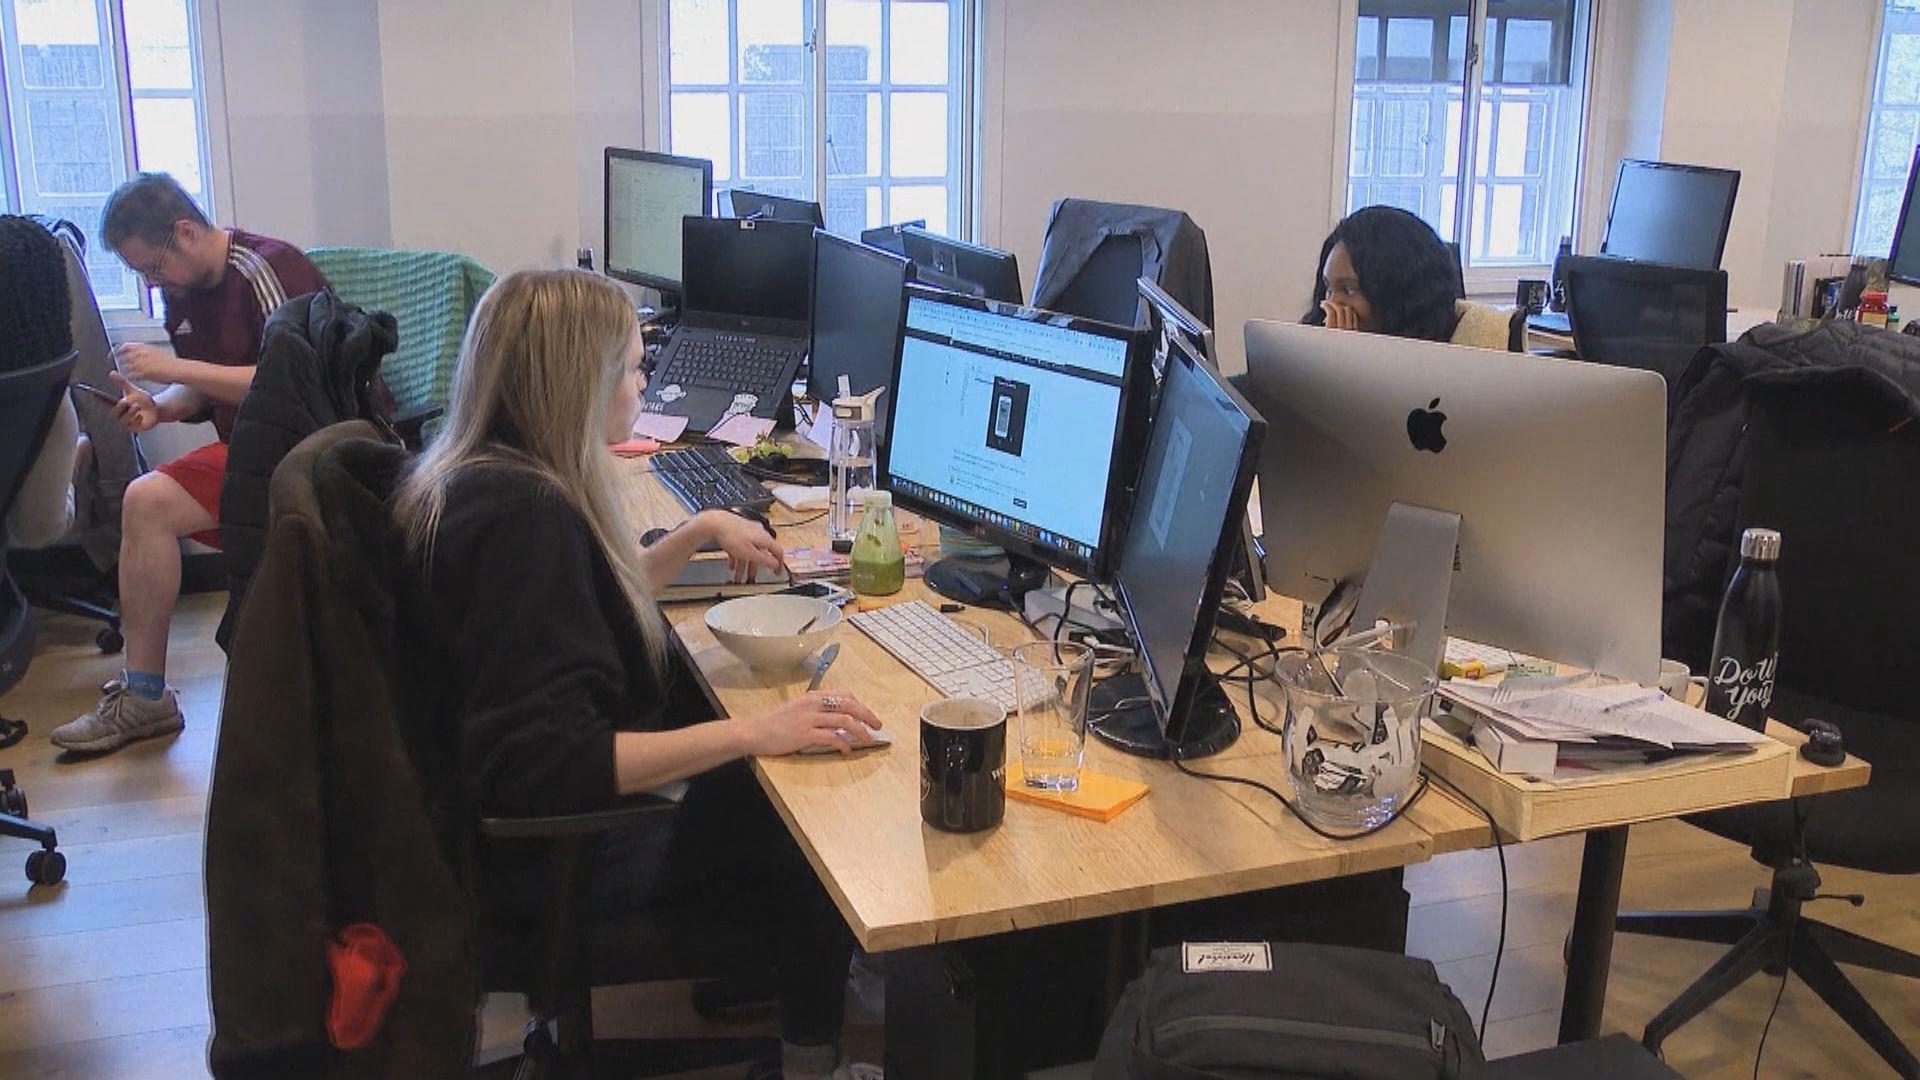 【環球薈報】英企業實施「混合」工作模式 員工毋須每天返辦公室